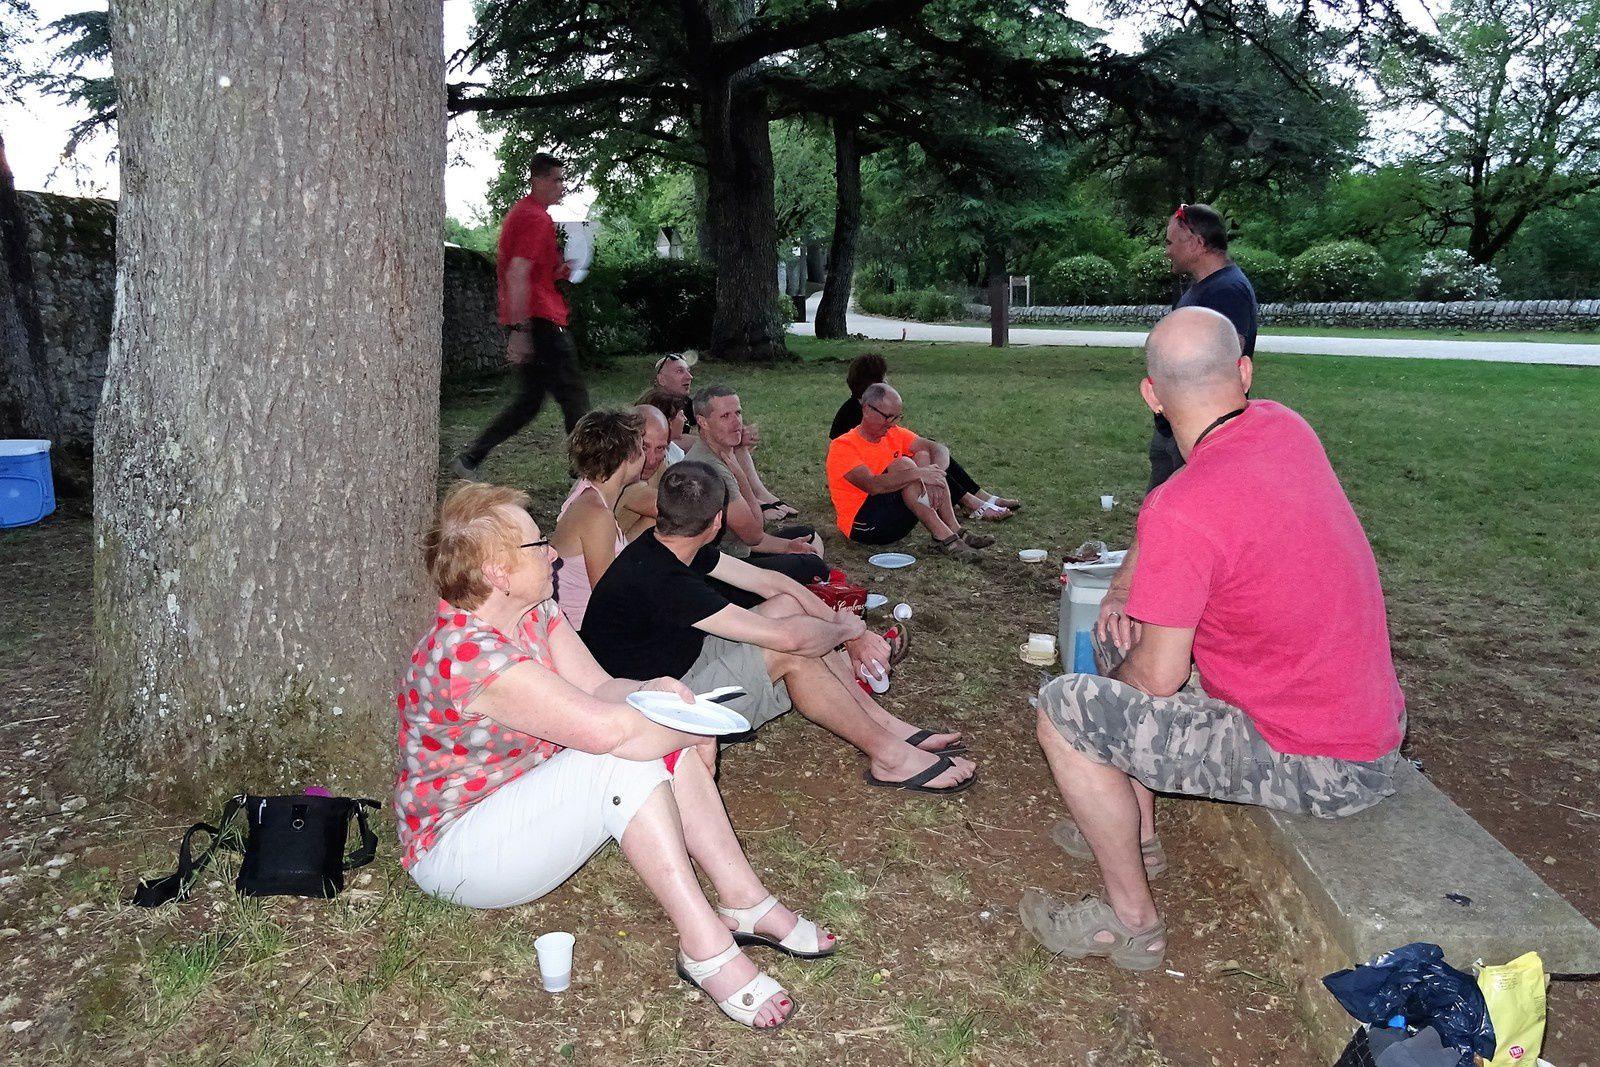 Le soir nous pique-niquons dans le parc.